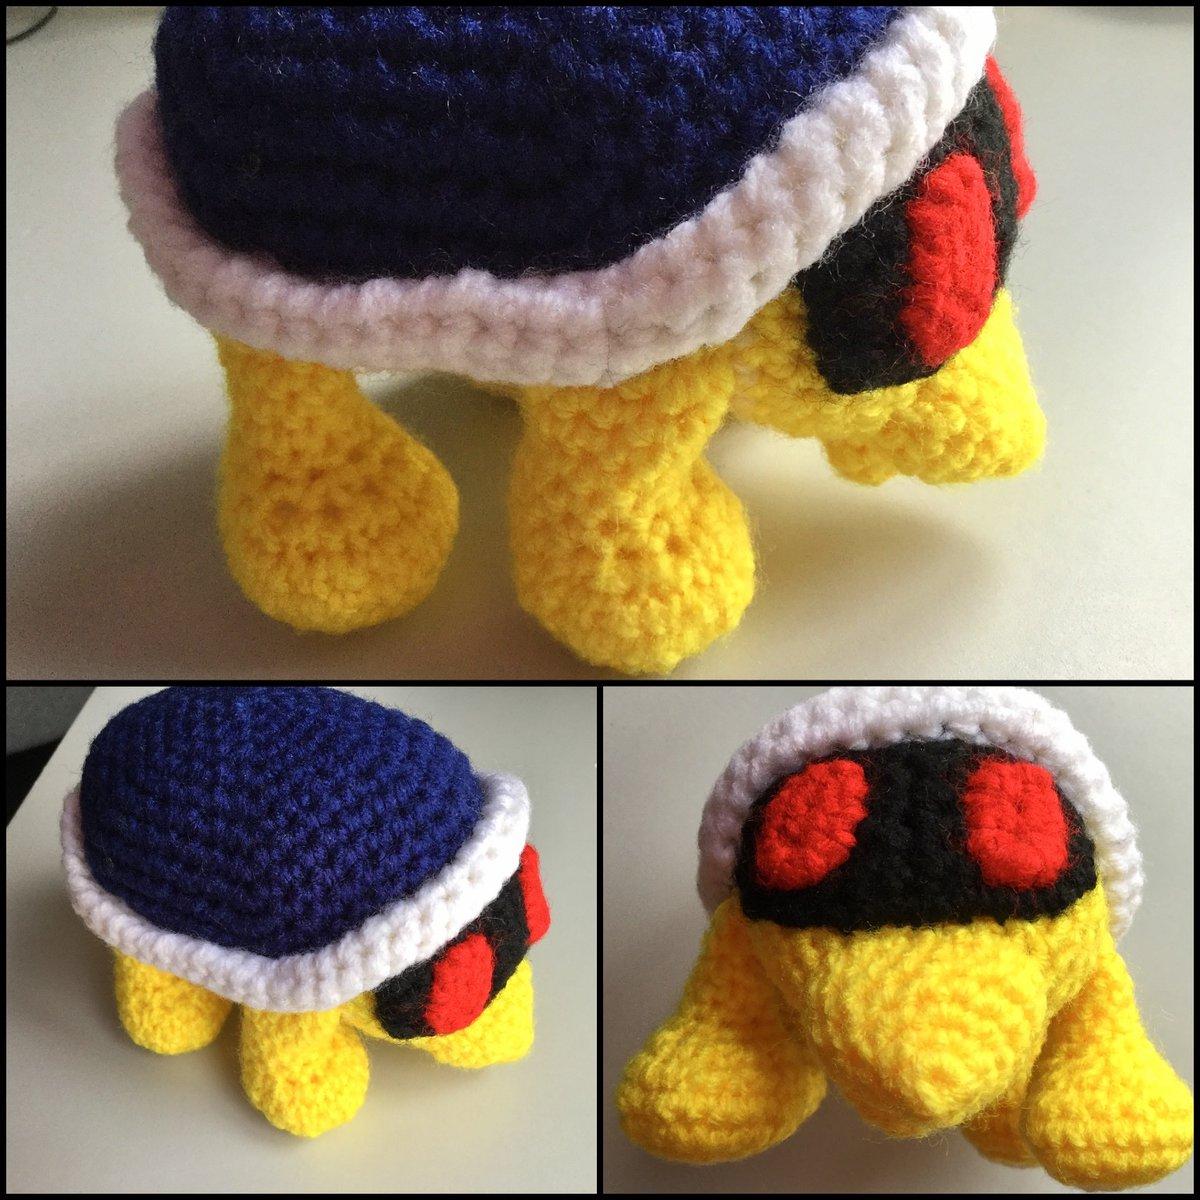 Crochet Appa pattern (free) | Crochet geek, Crochet, Crochet toys ... | 1200x1200